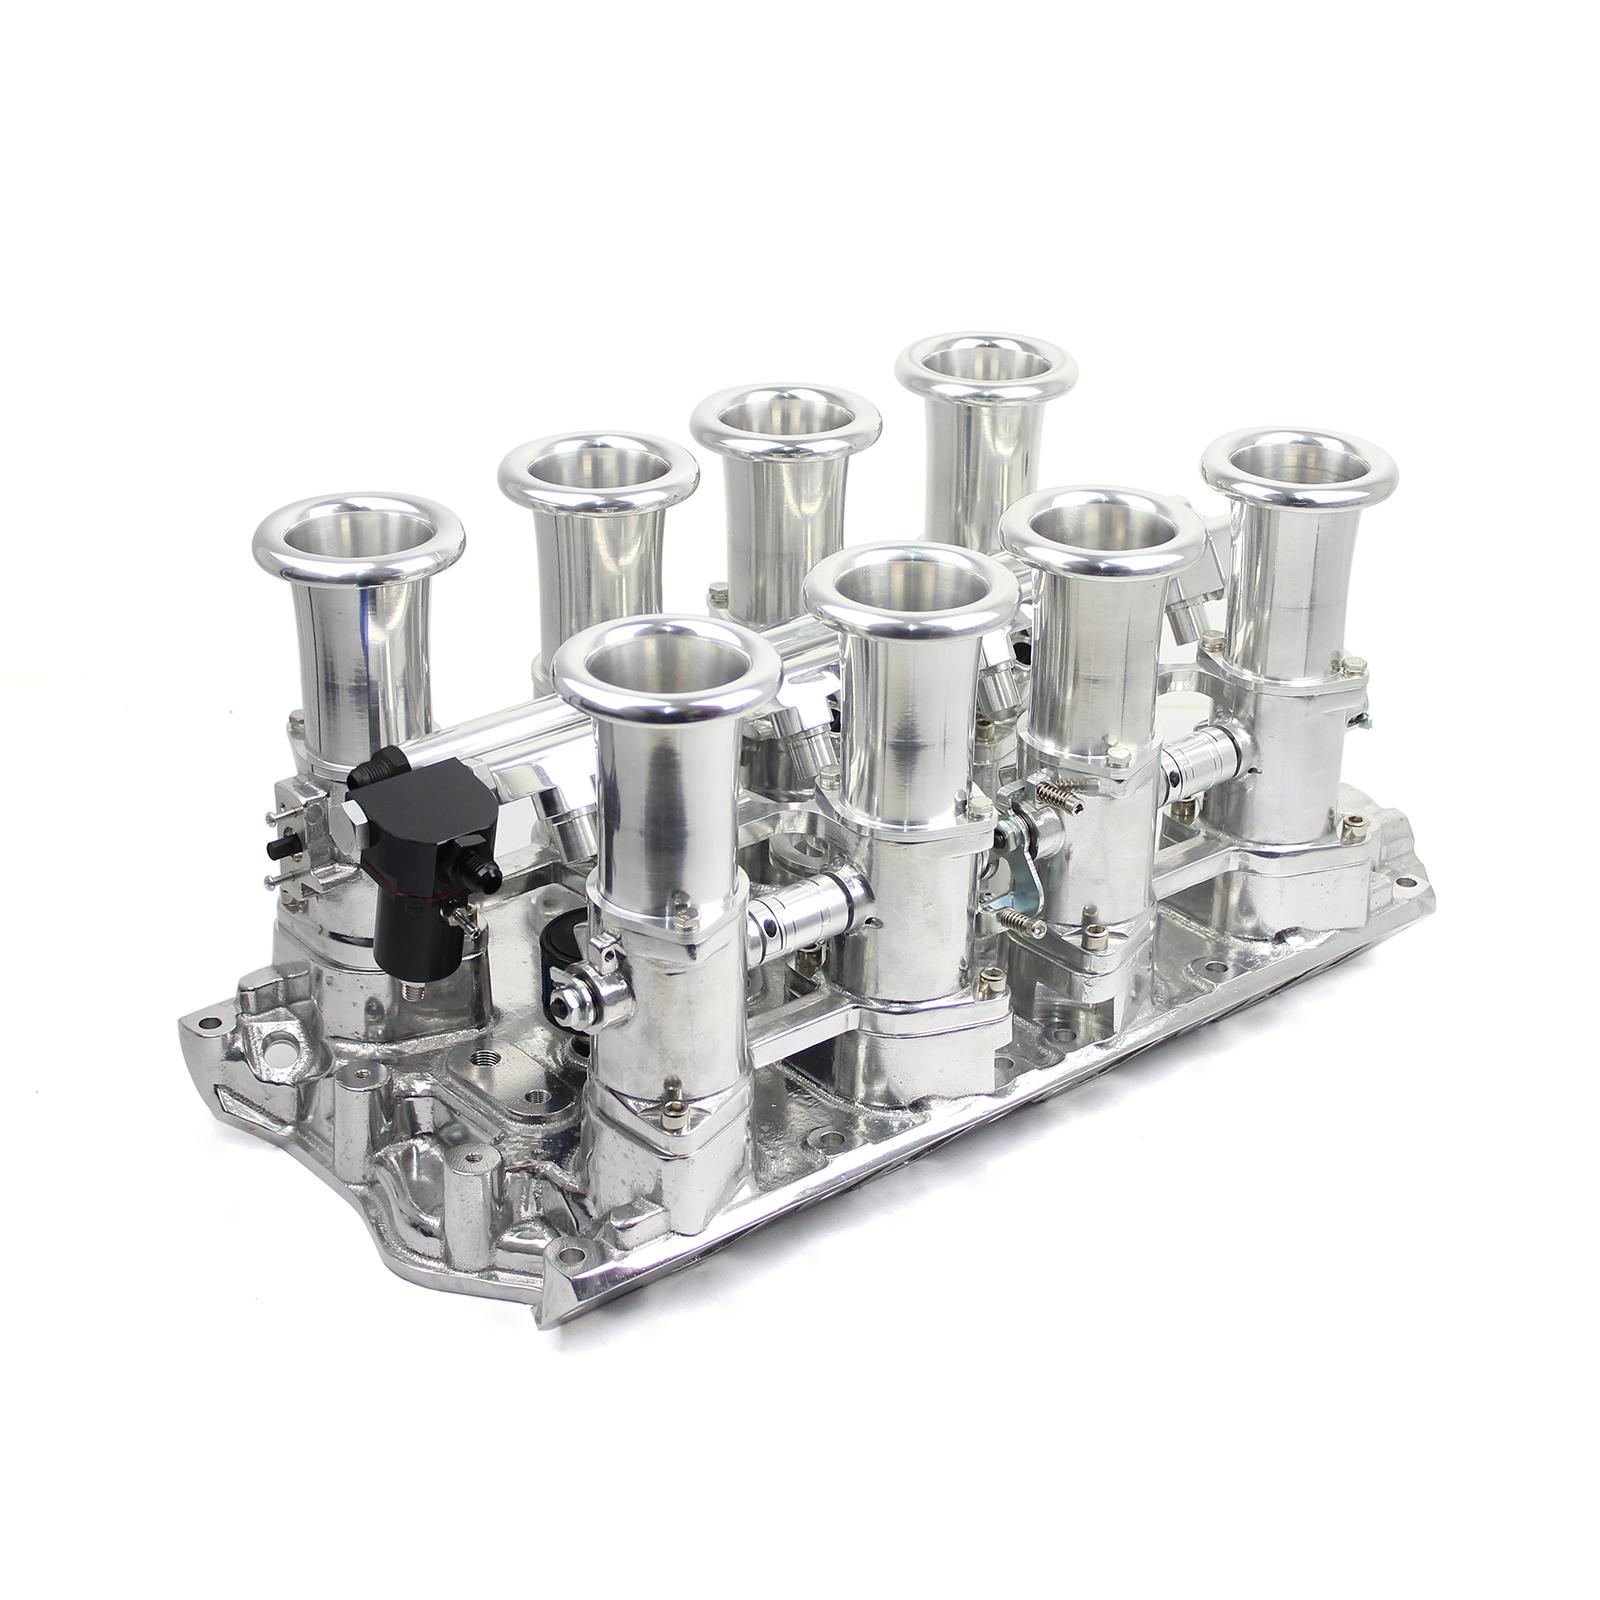 Ford 351W Windsor Downdraft 8 Stack EFI Intake Manifold System Complete Polished